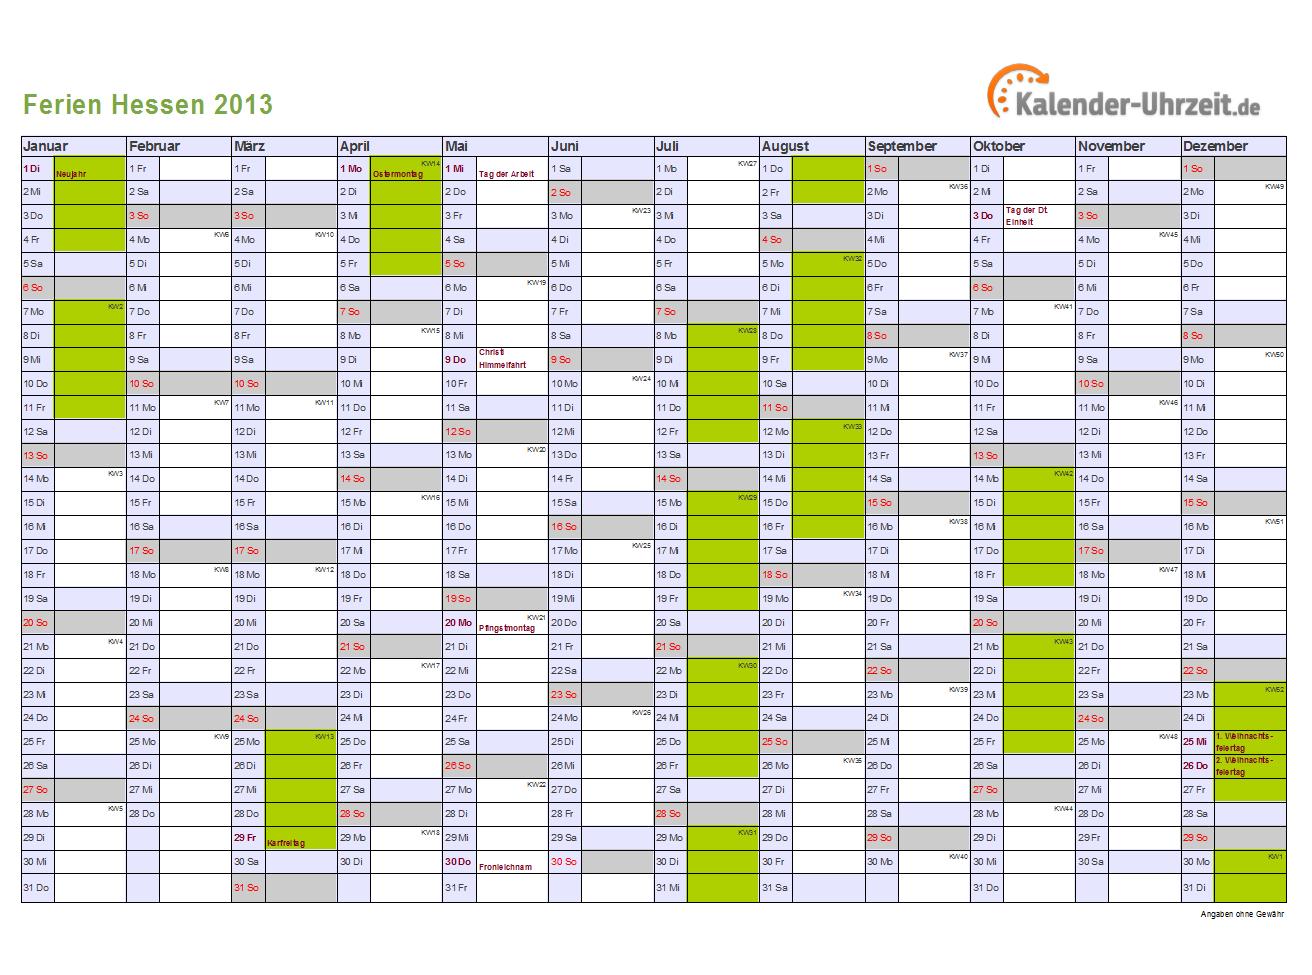 Ferien Hessen 2013 Ferienkalender Zum Ausdrucken